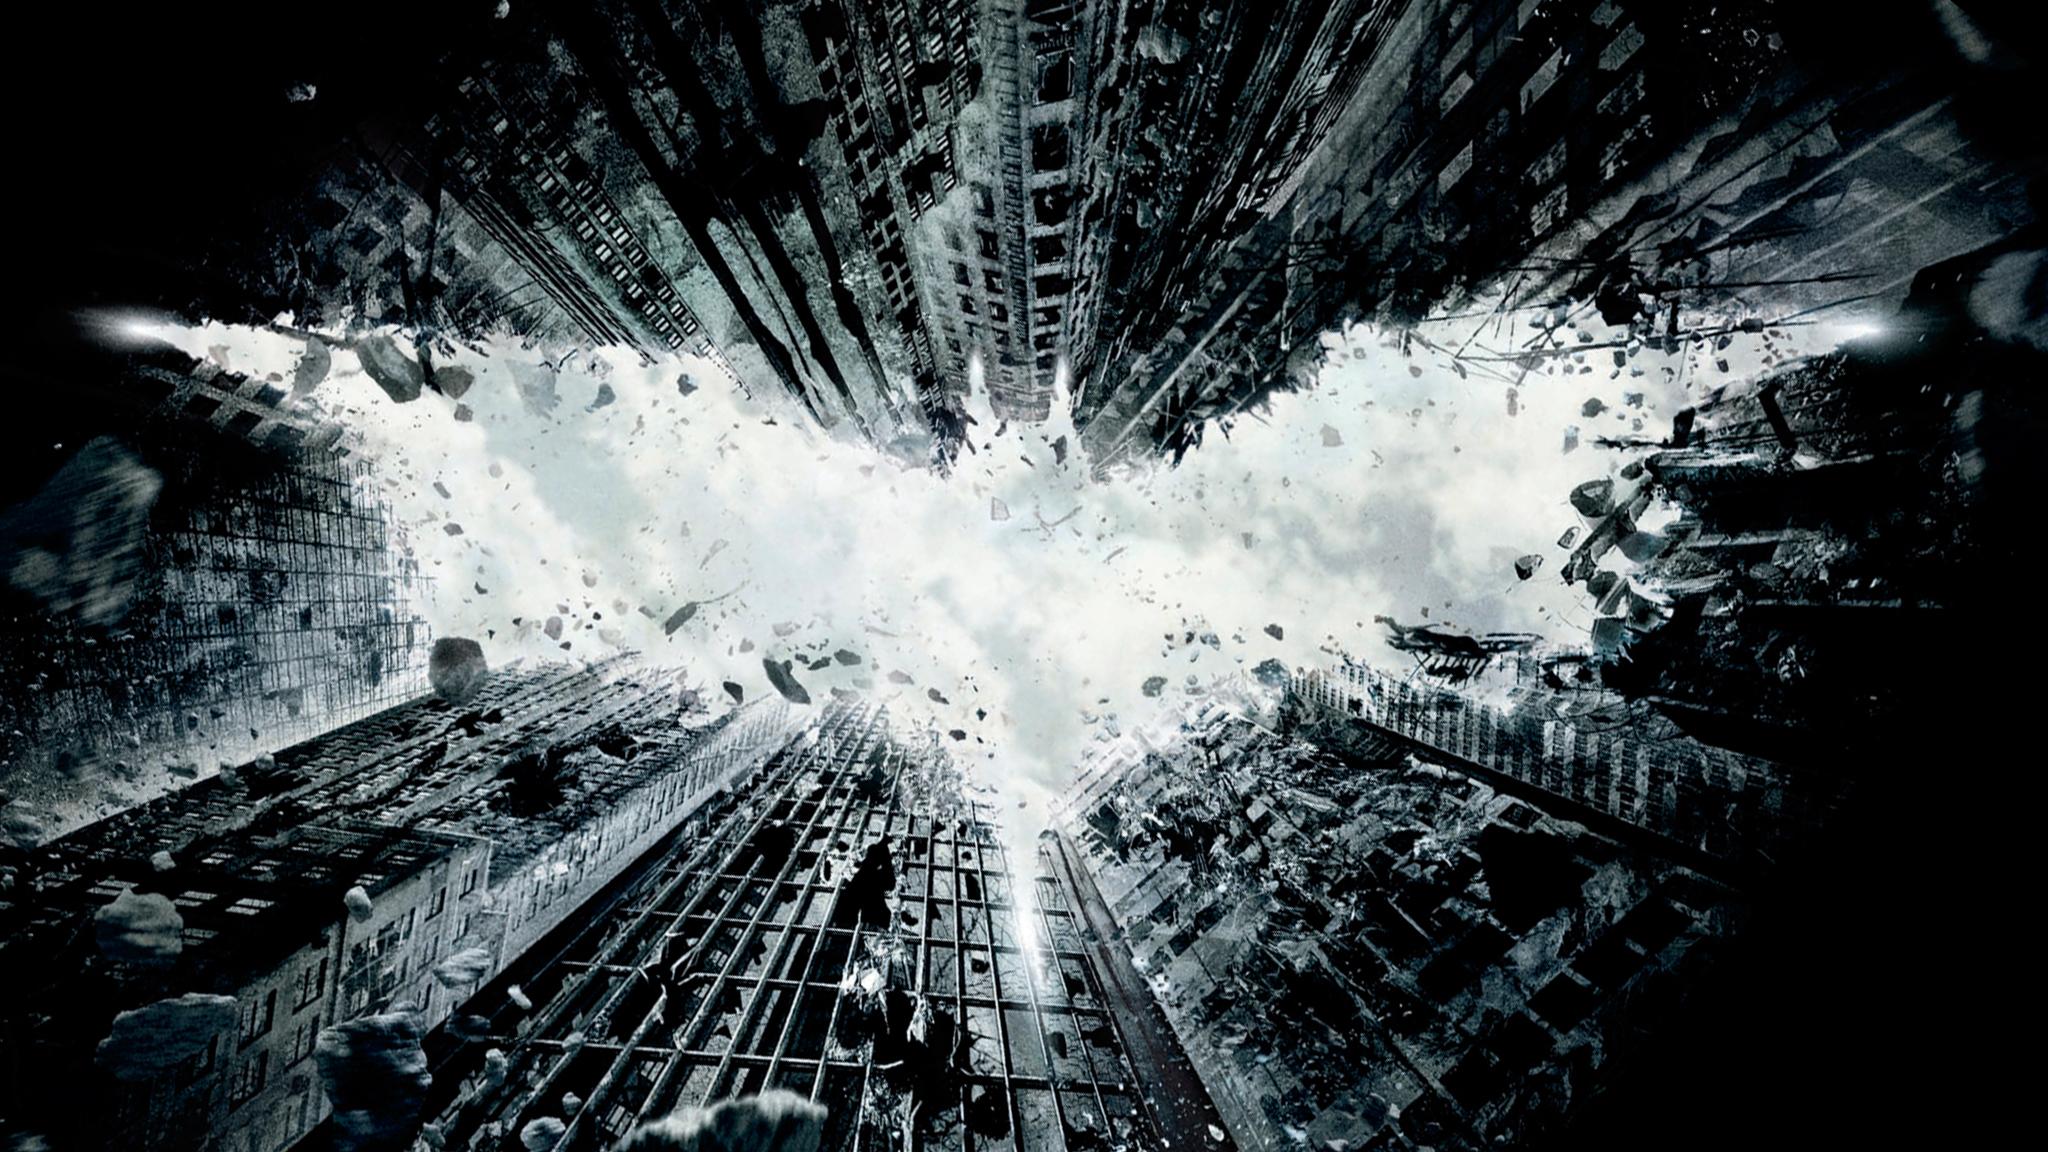 Wallpaper Batman Gotham City